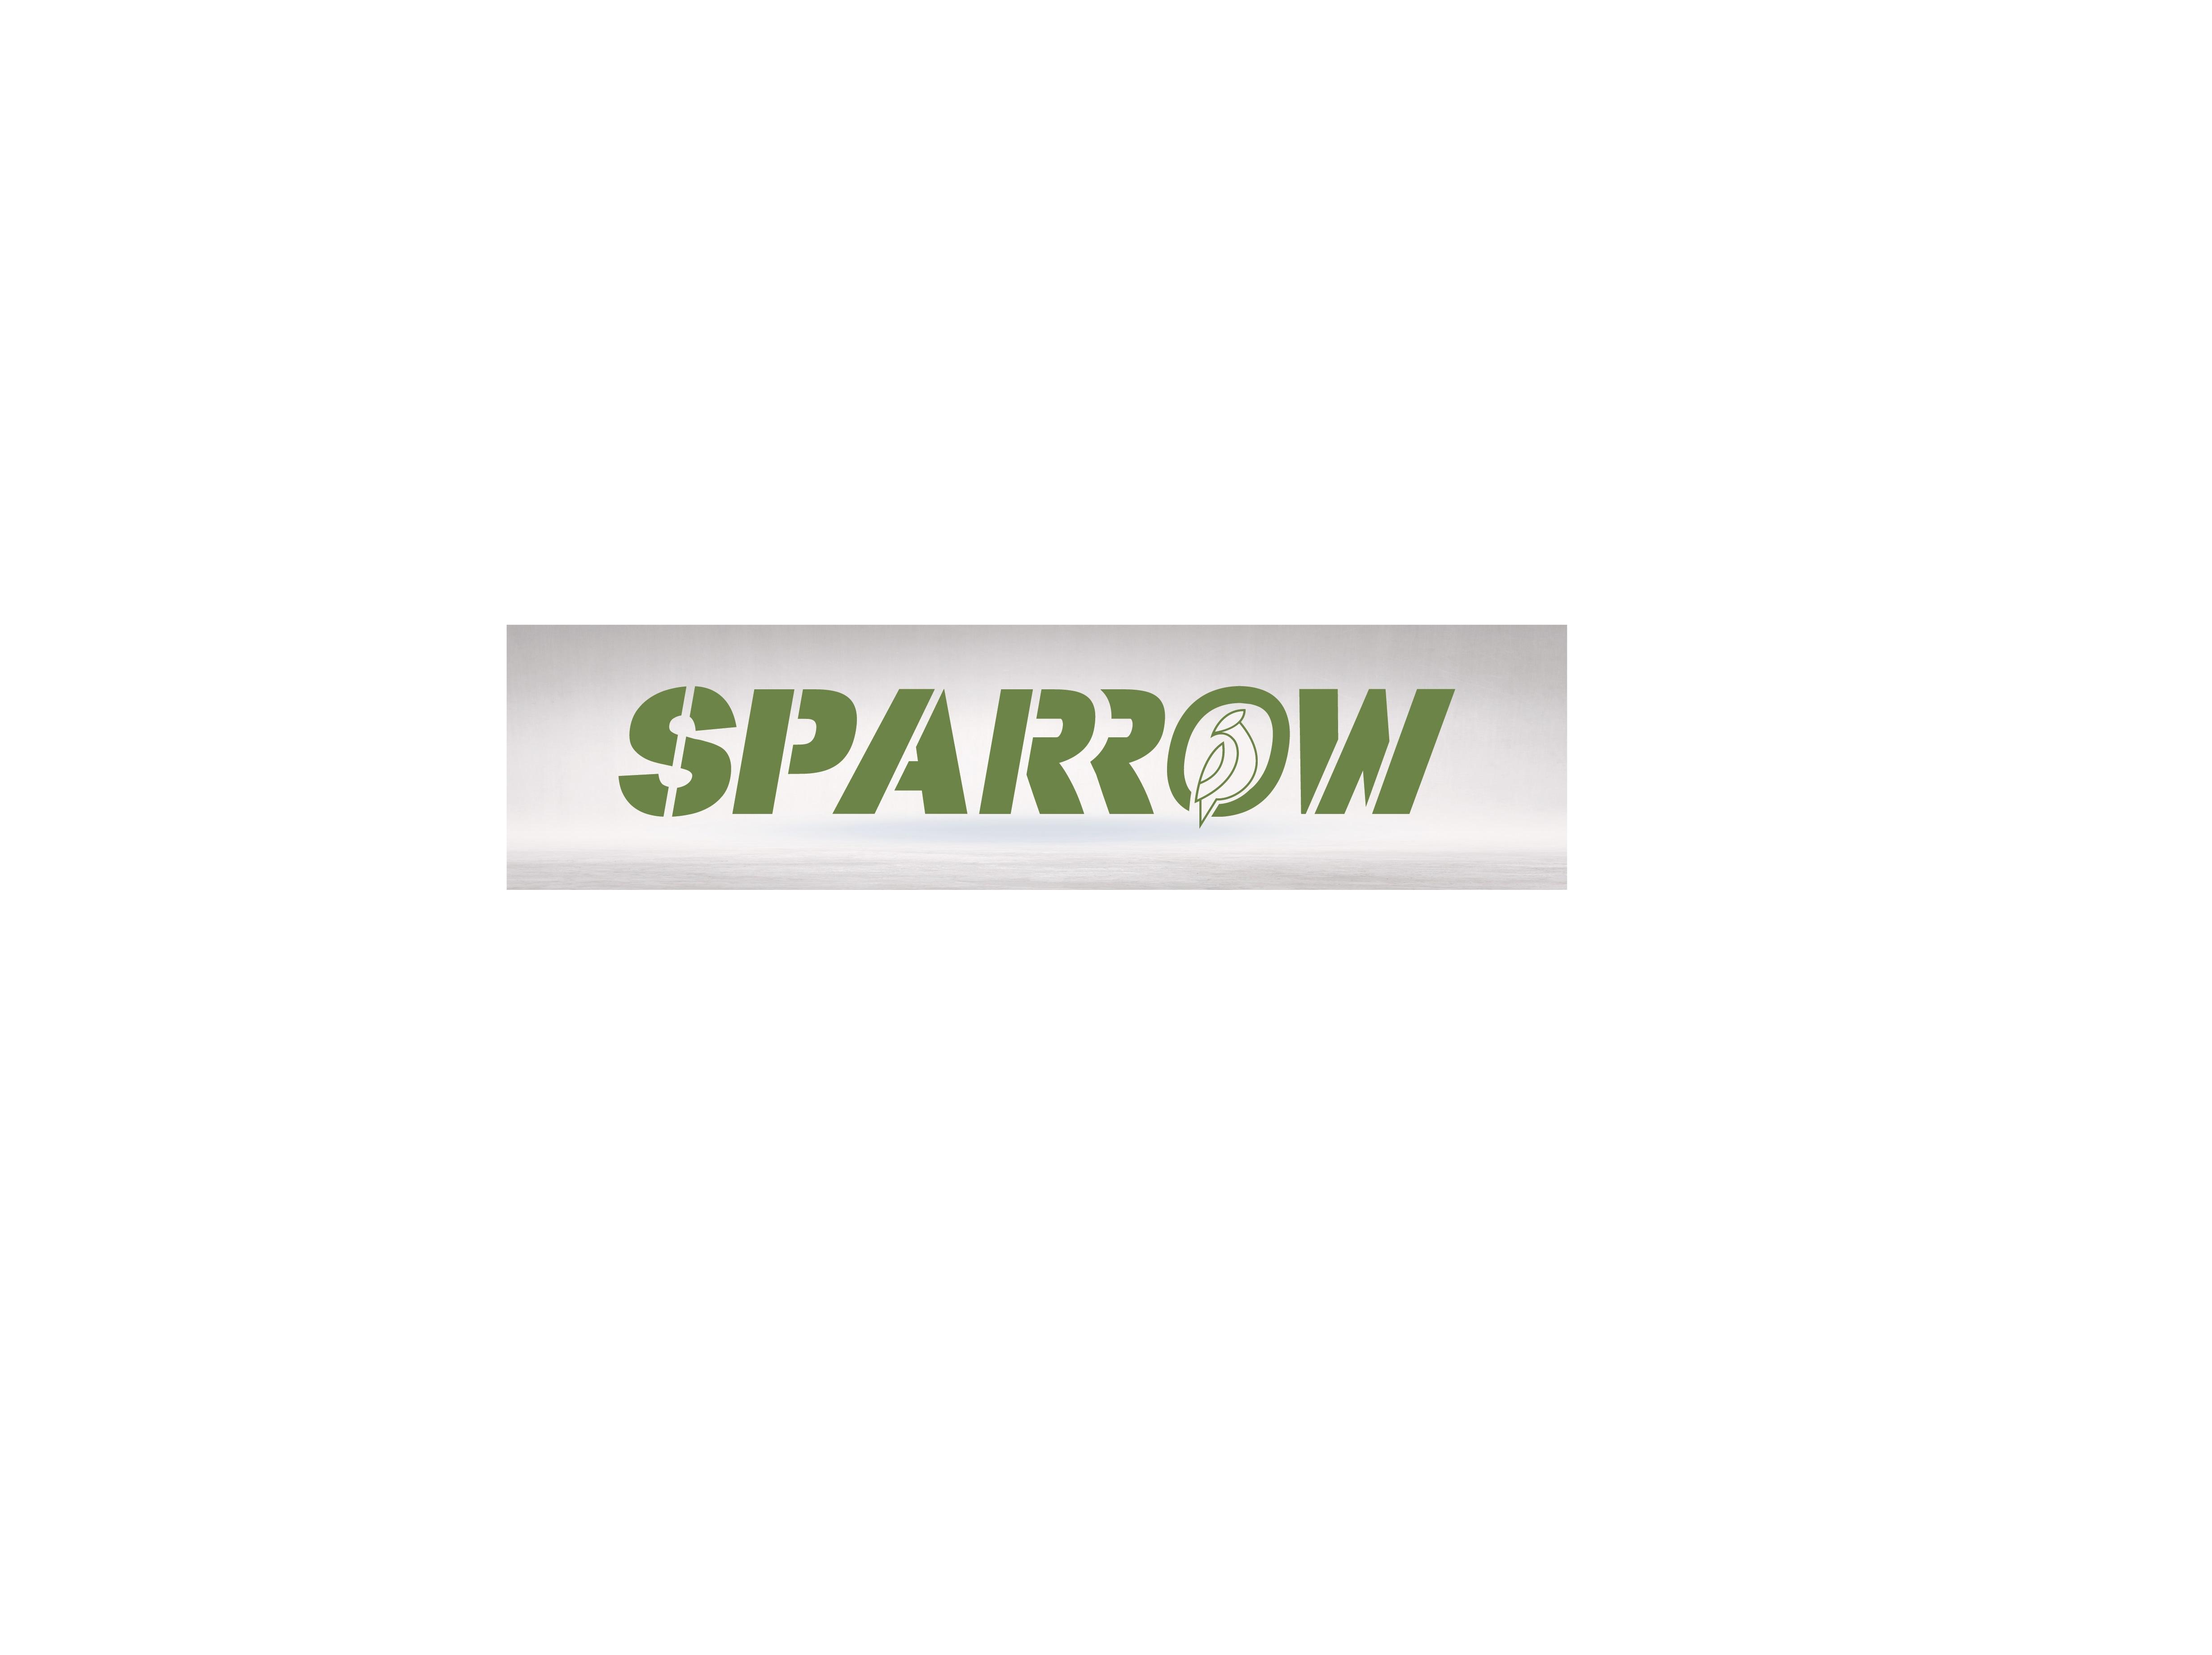 Sparrow Viet Nam Co., Ltd